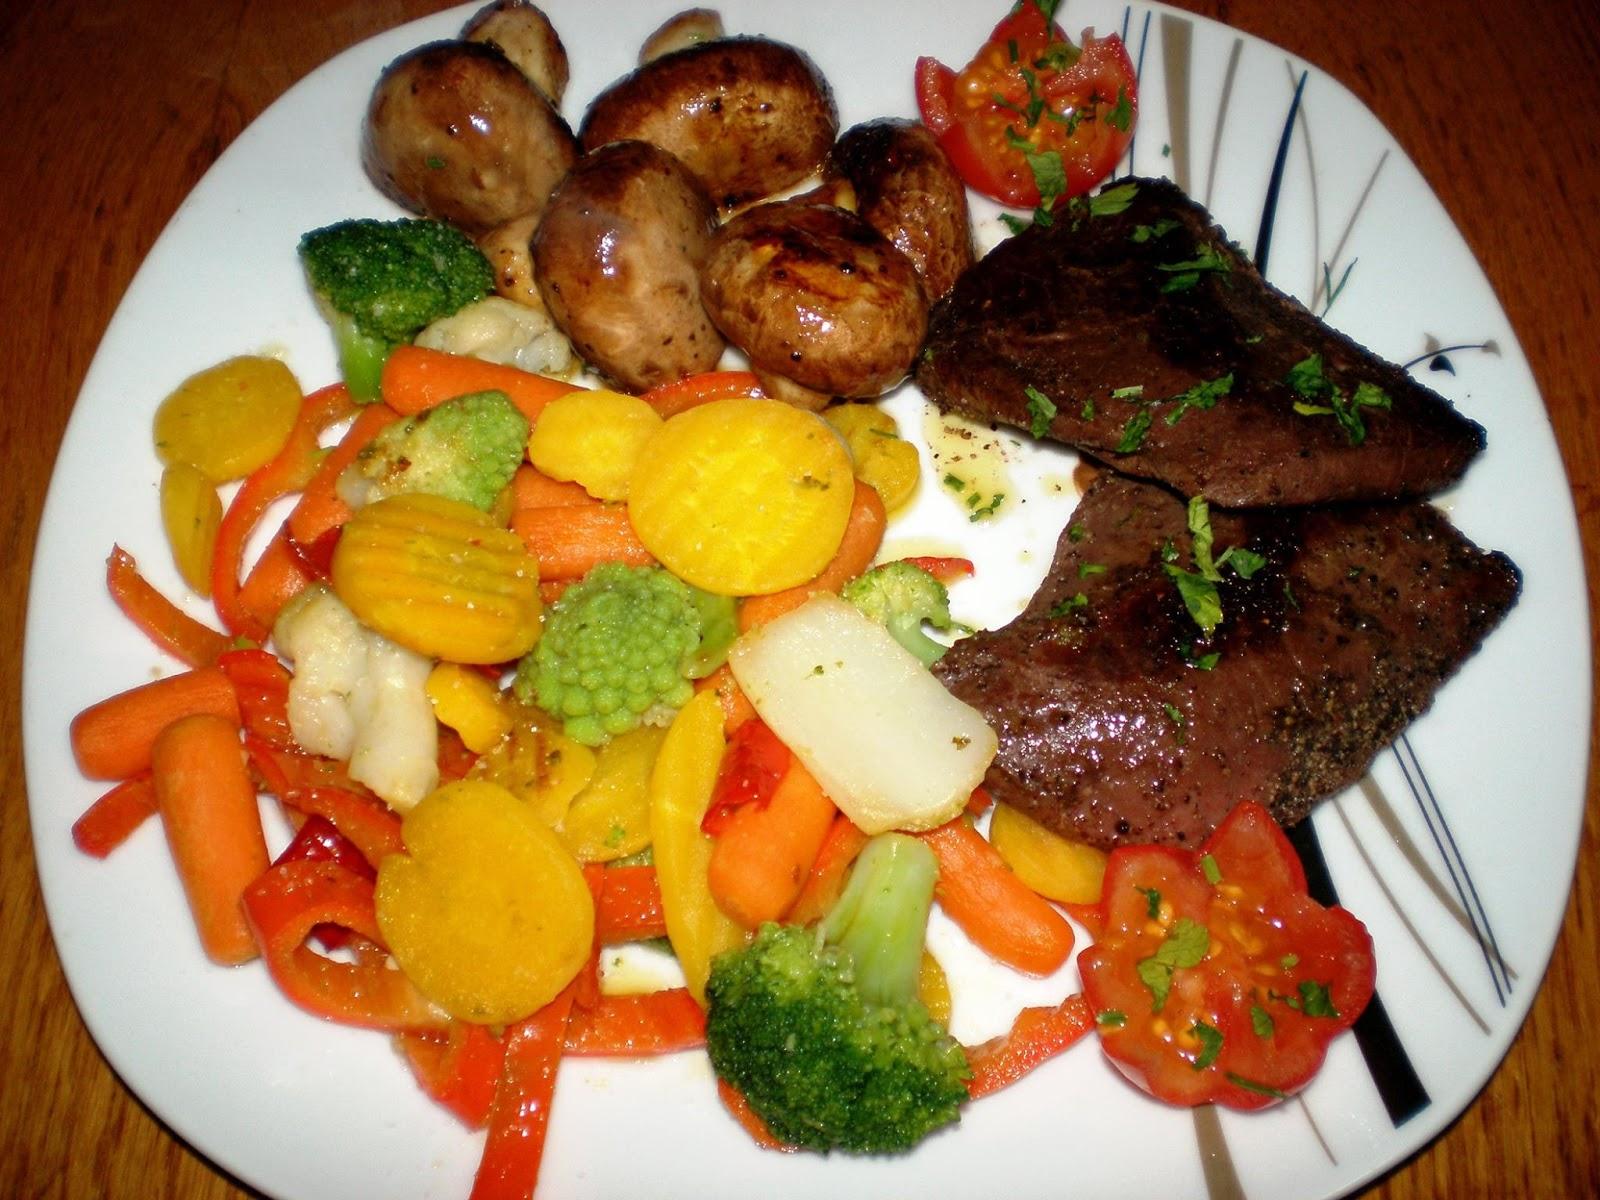 Piept de struț, legume și ciupercuțe sote